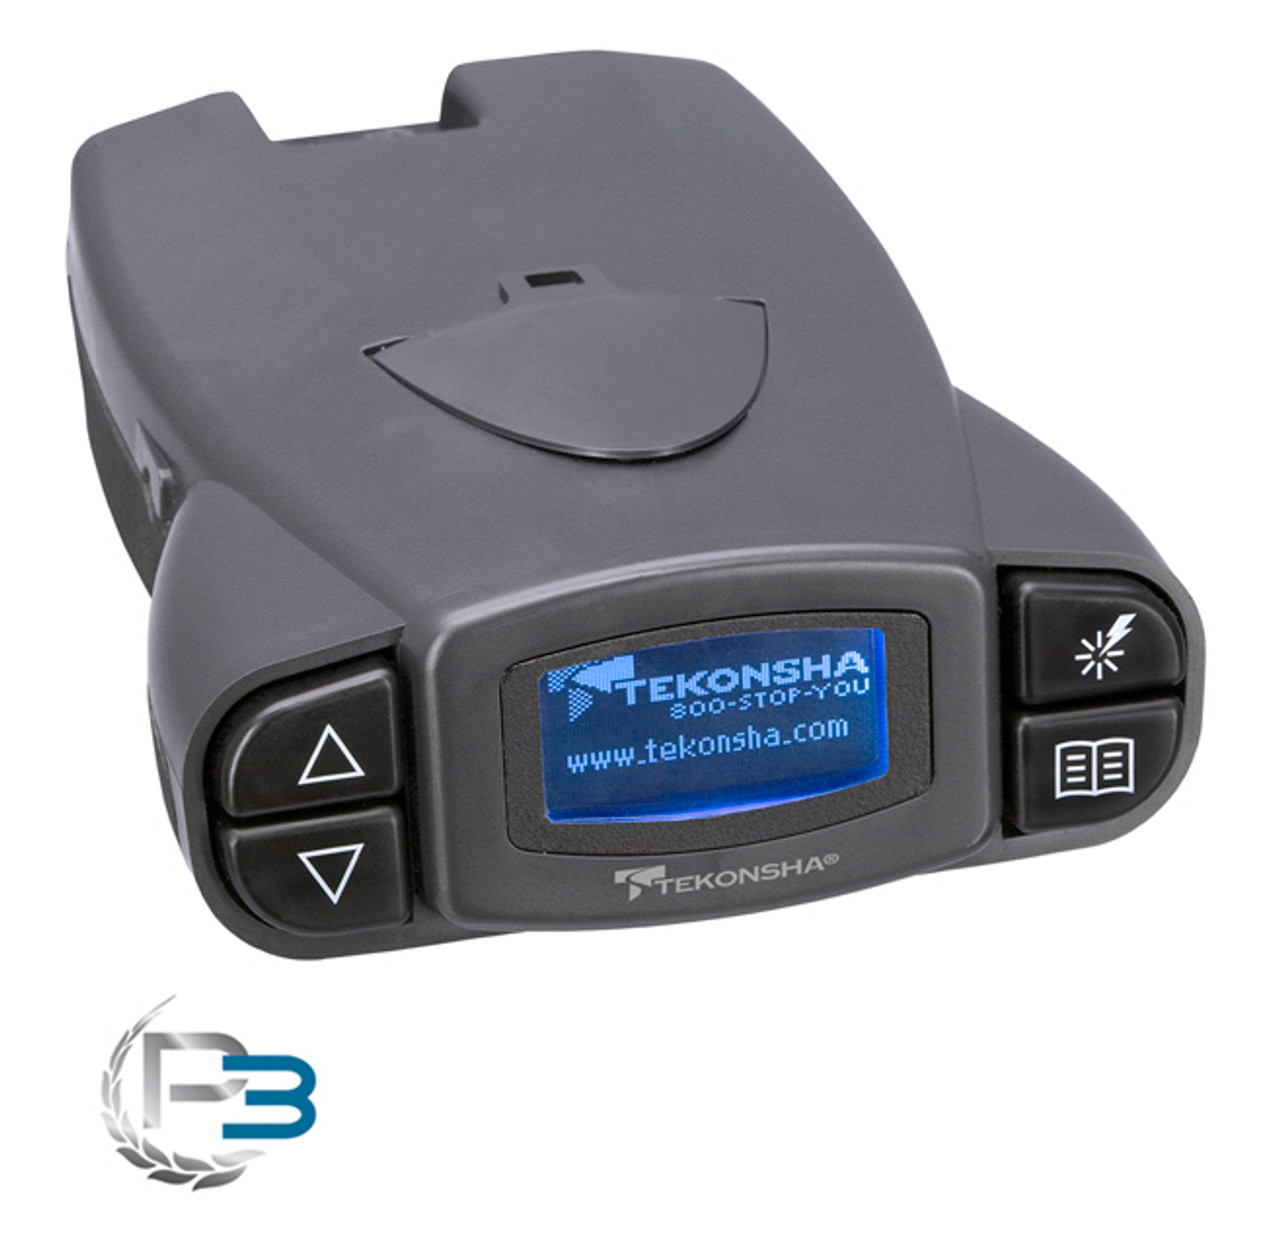 Tekonsha Brake Controller >> 90195 Tekonsha P3 Brake Controller 2 4 6 8 Brake Systems